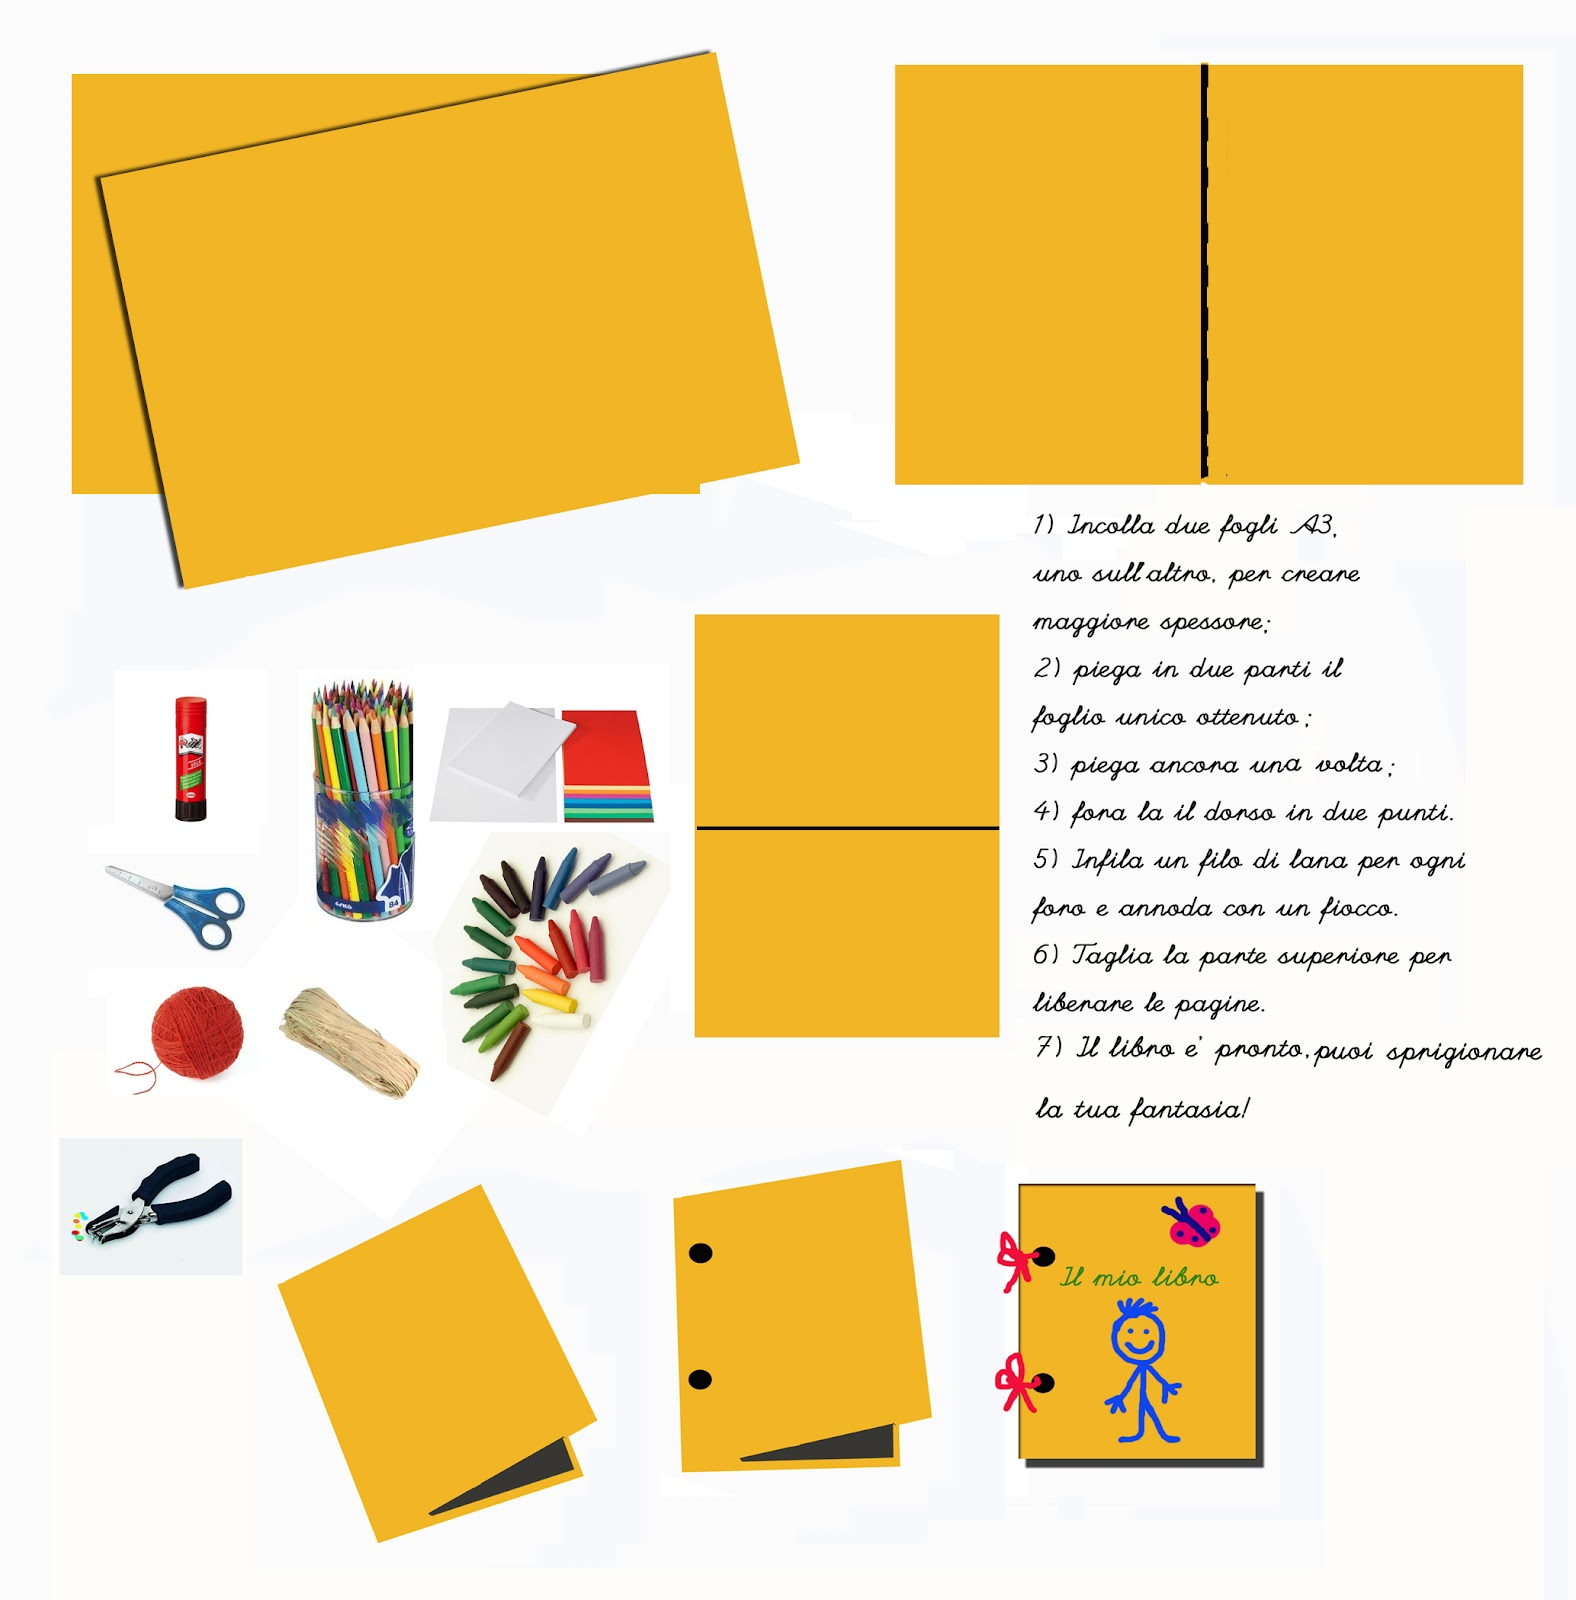 """Extrêmement Barrueca: Laboratorio creativo: """"il mio libro"""" AG91"""